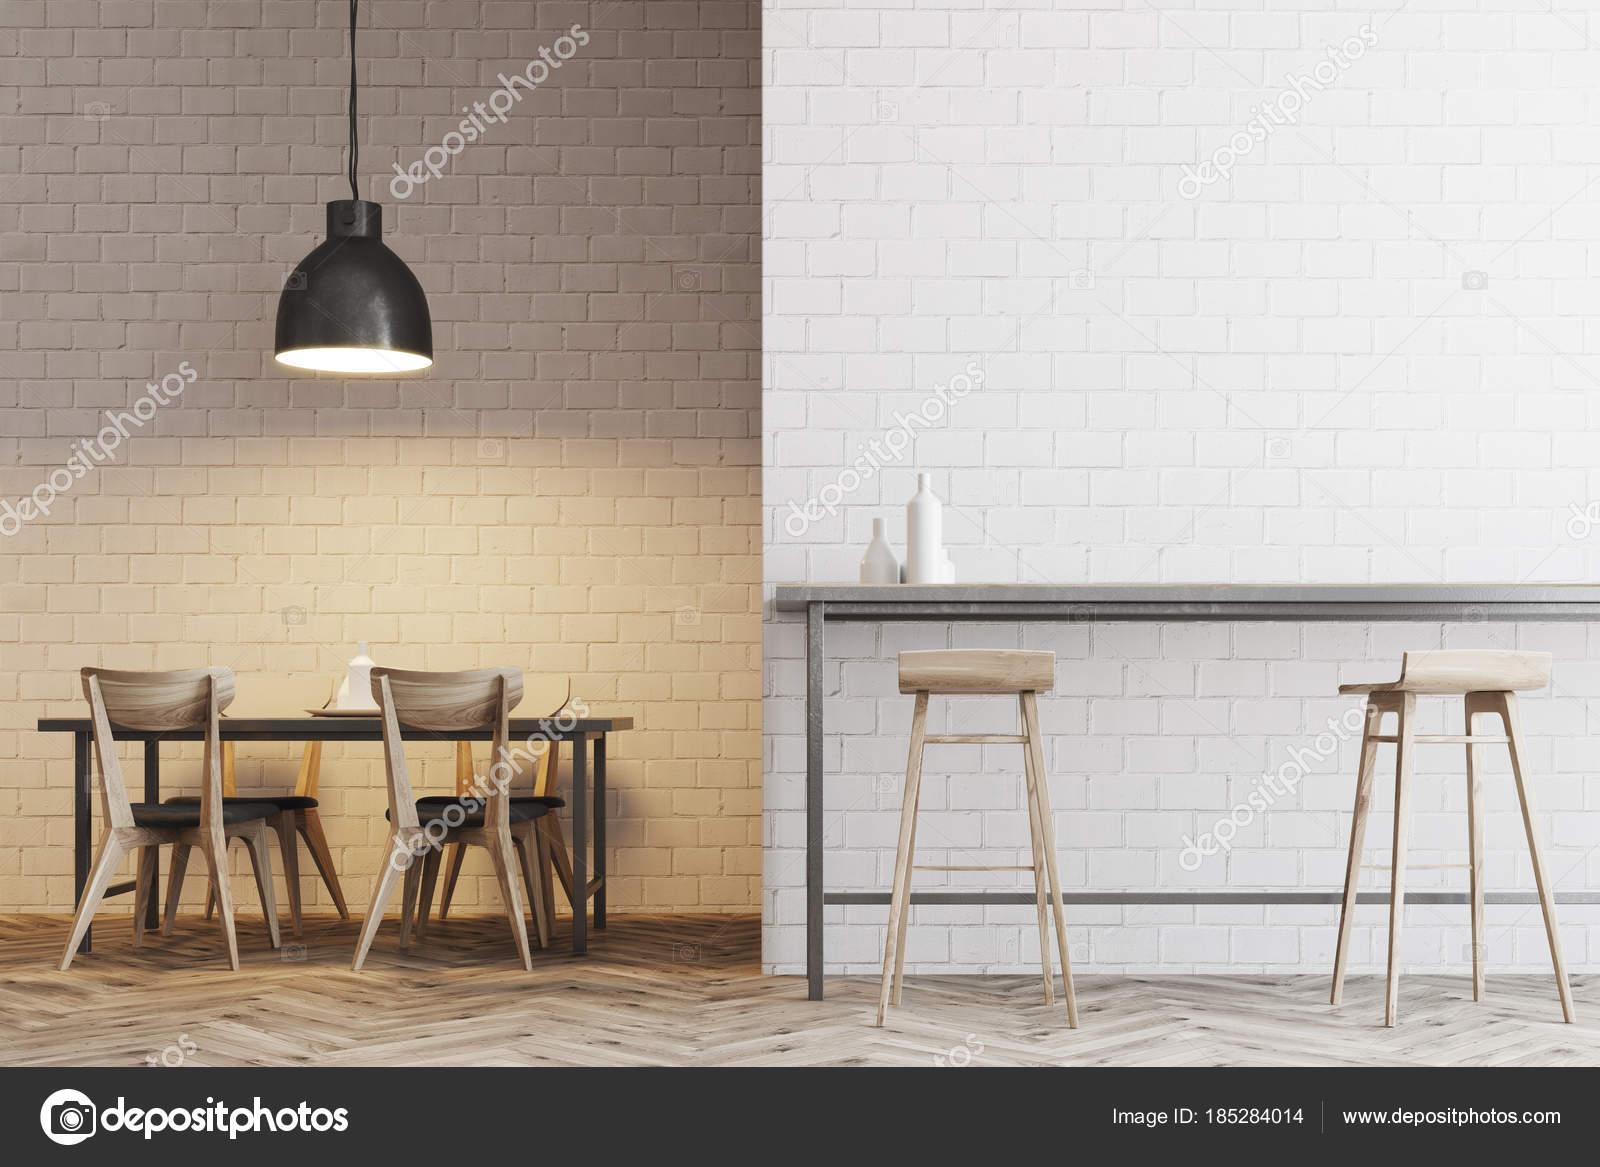 Bar interno la cena di mattoni bianchi con sgabelli u2014 foto stock